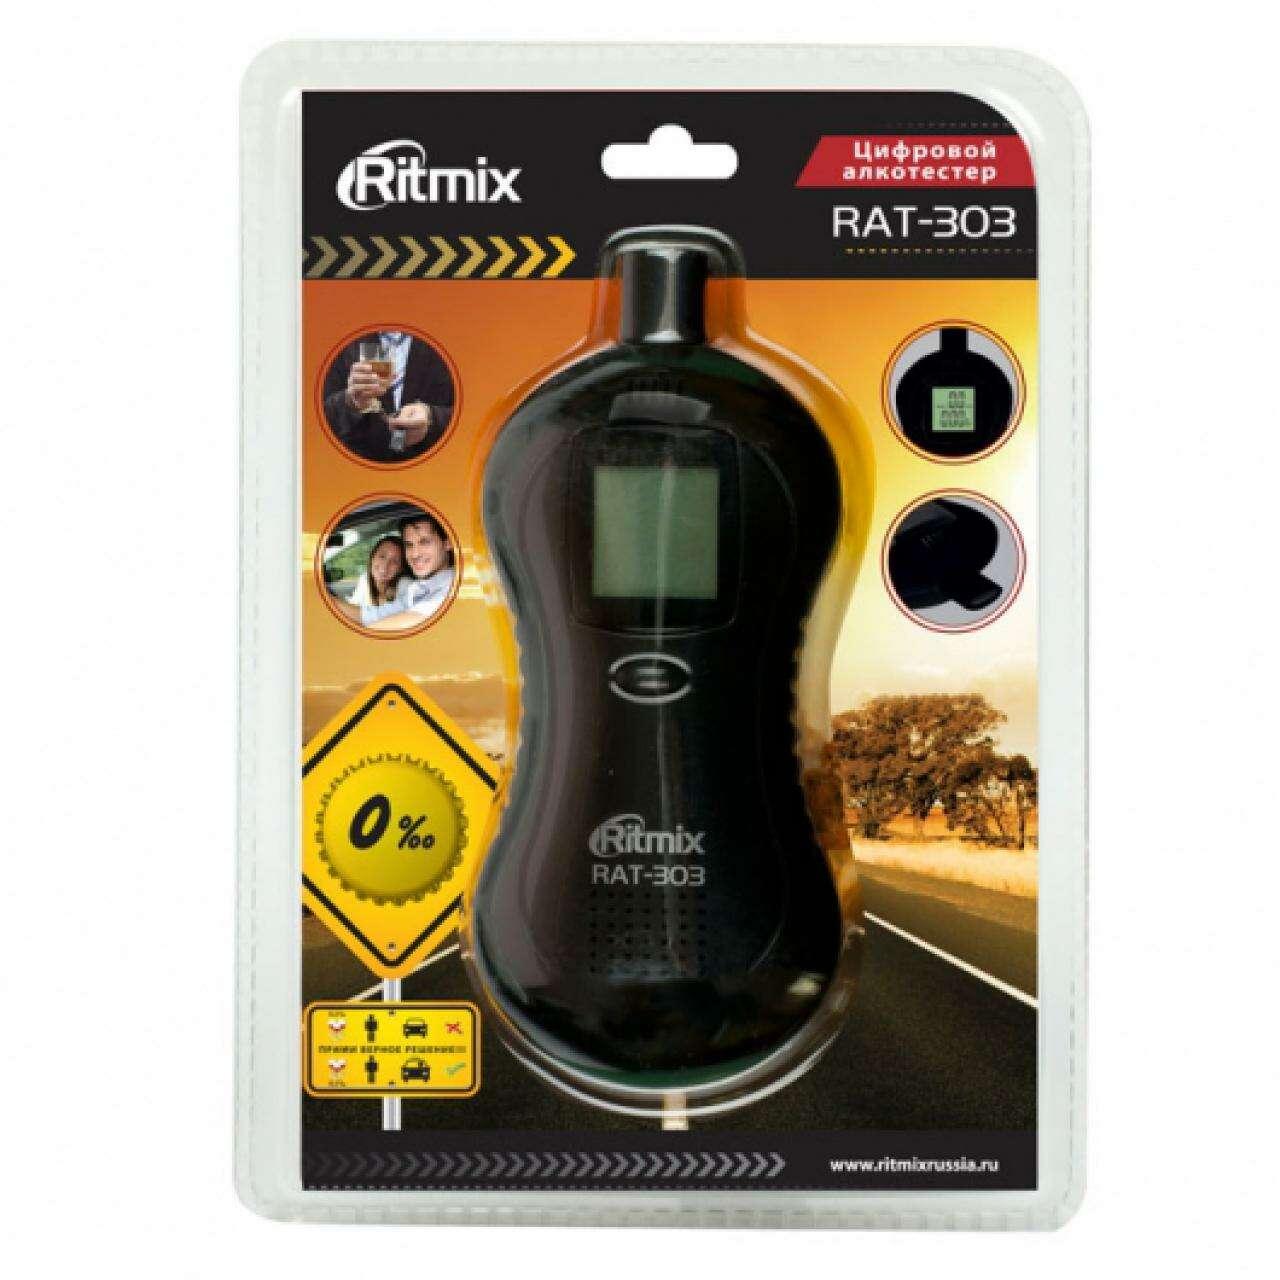 Алкотестер Ritmix RAT-303